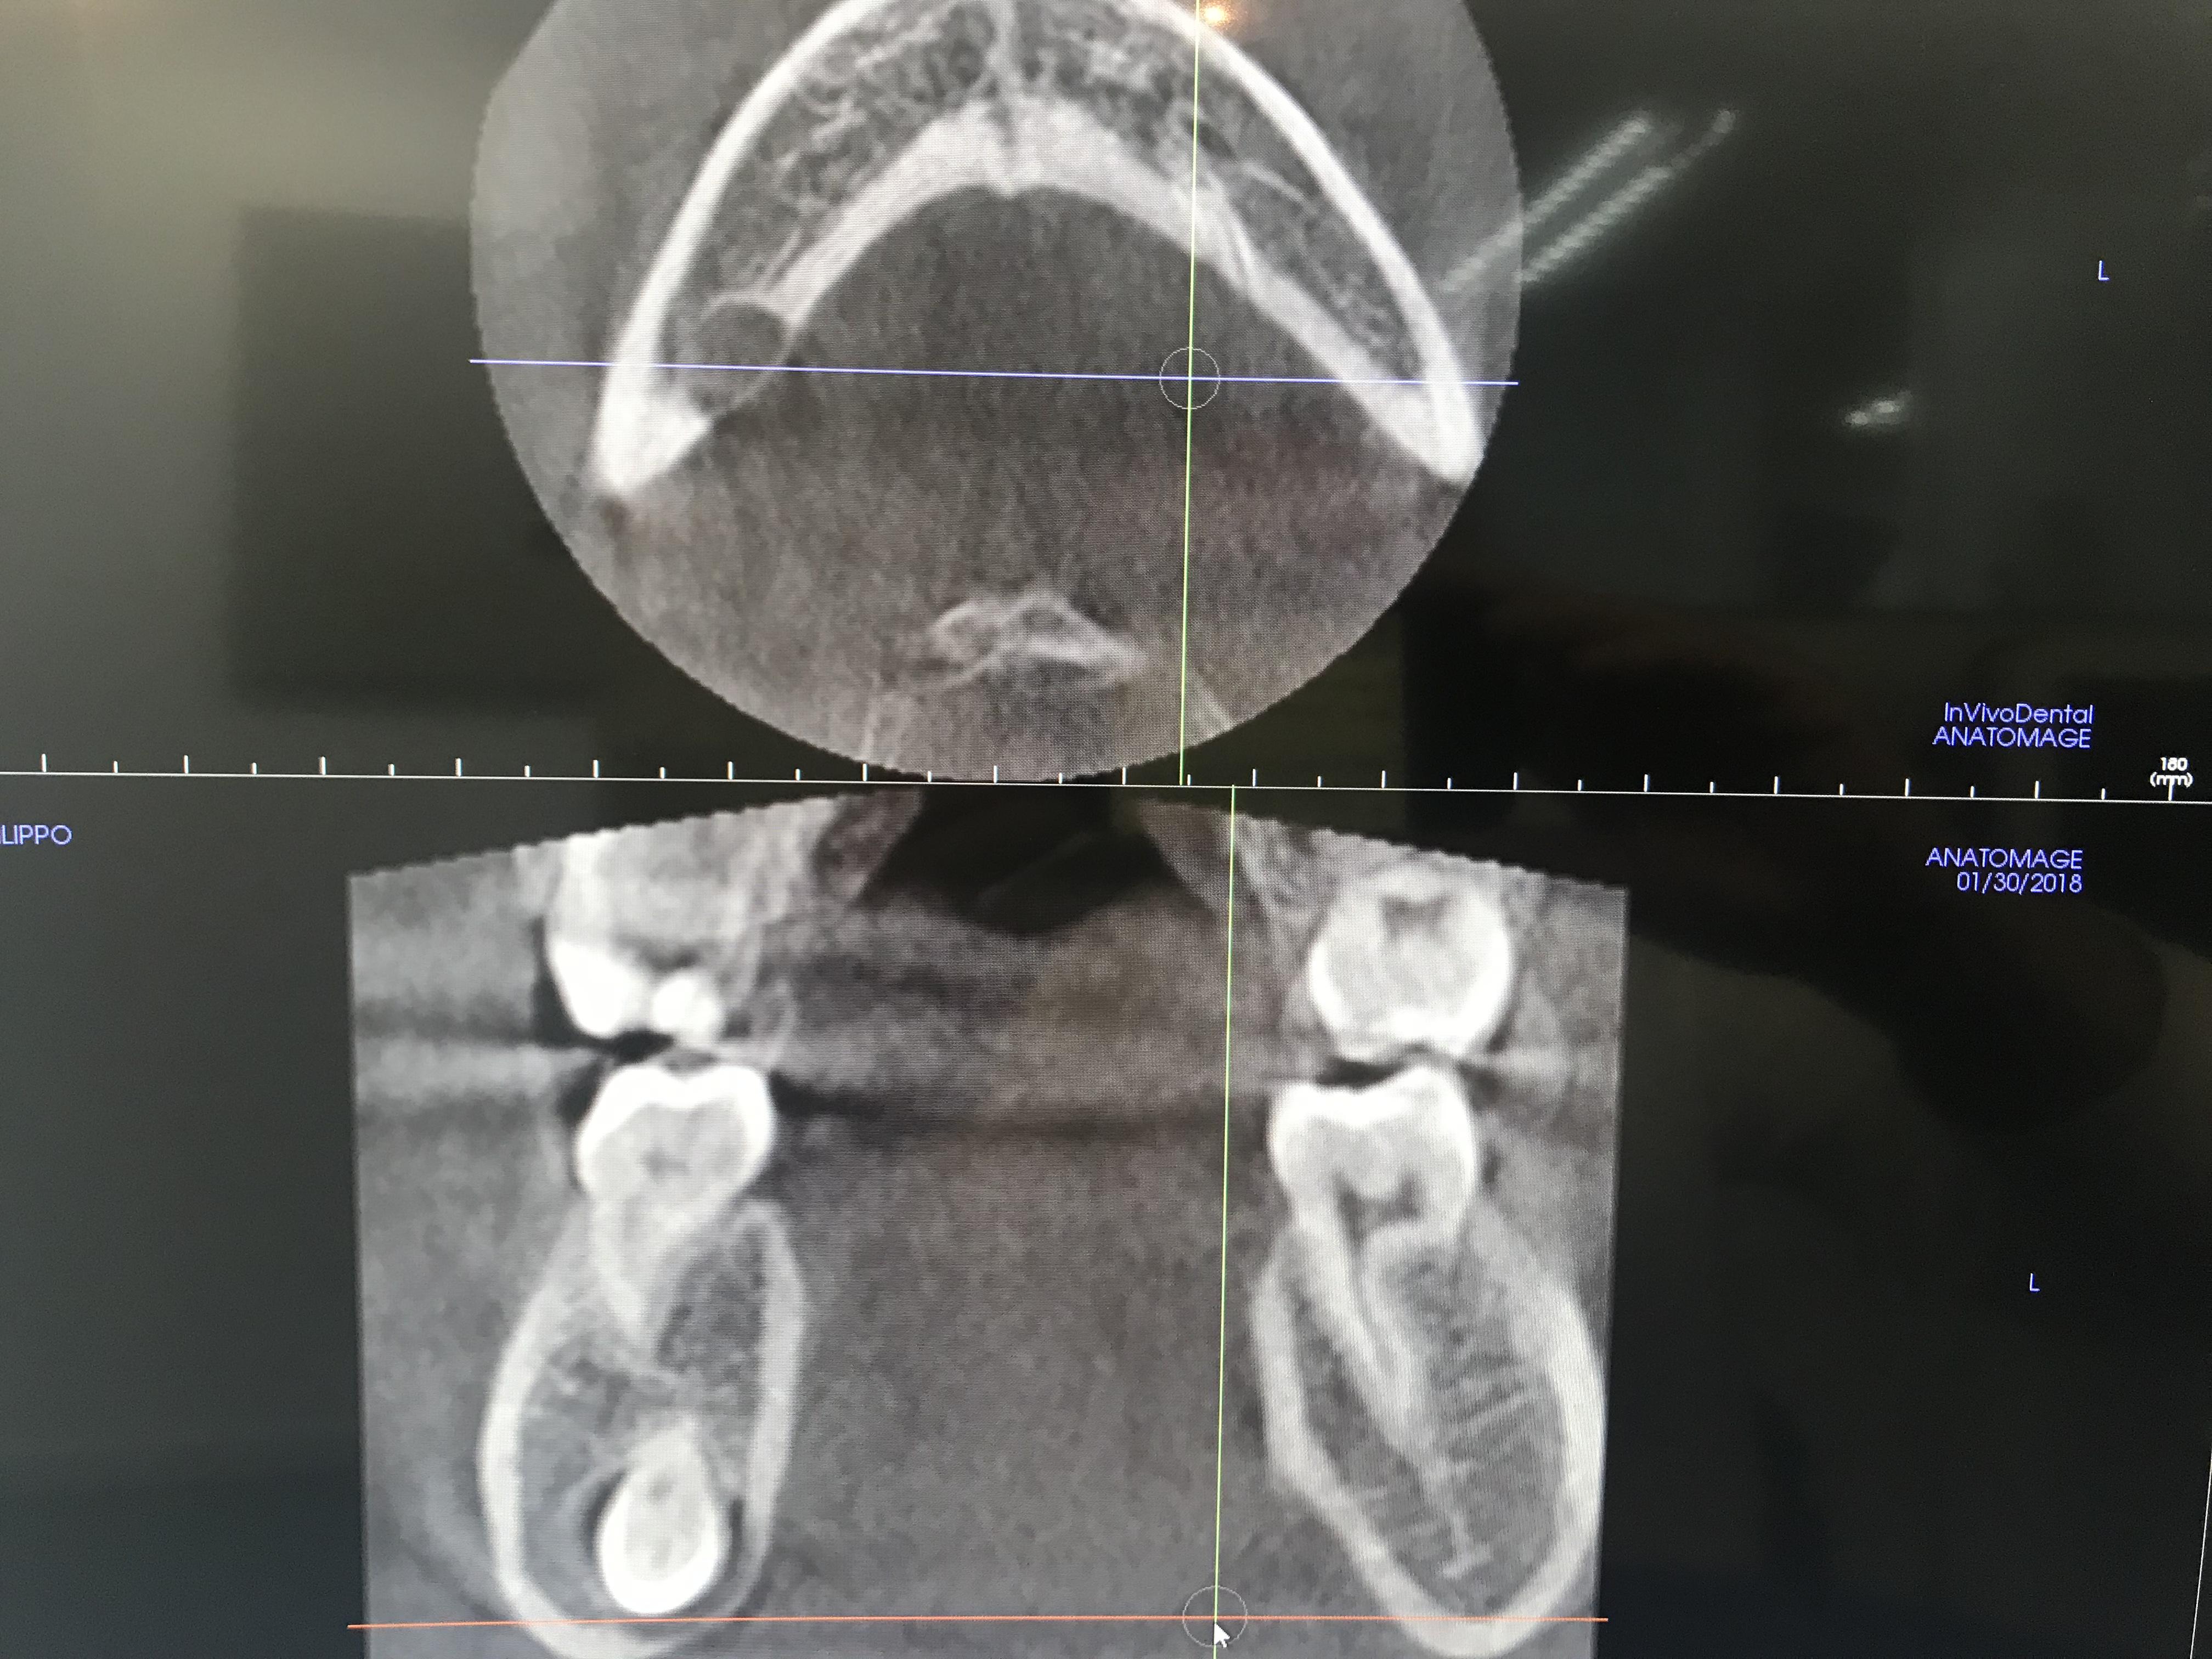 Mio figlio di 12 anni non ha i premolari inferiori